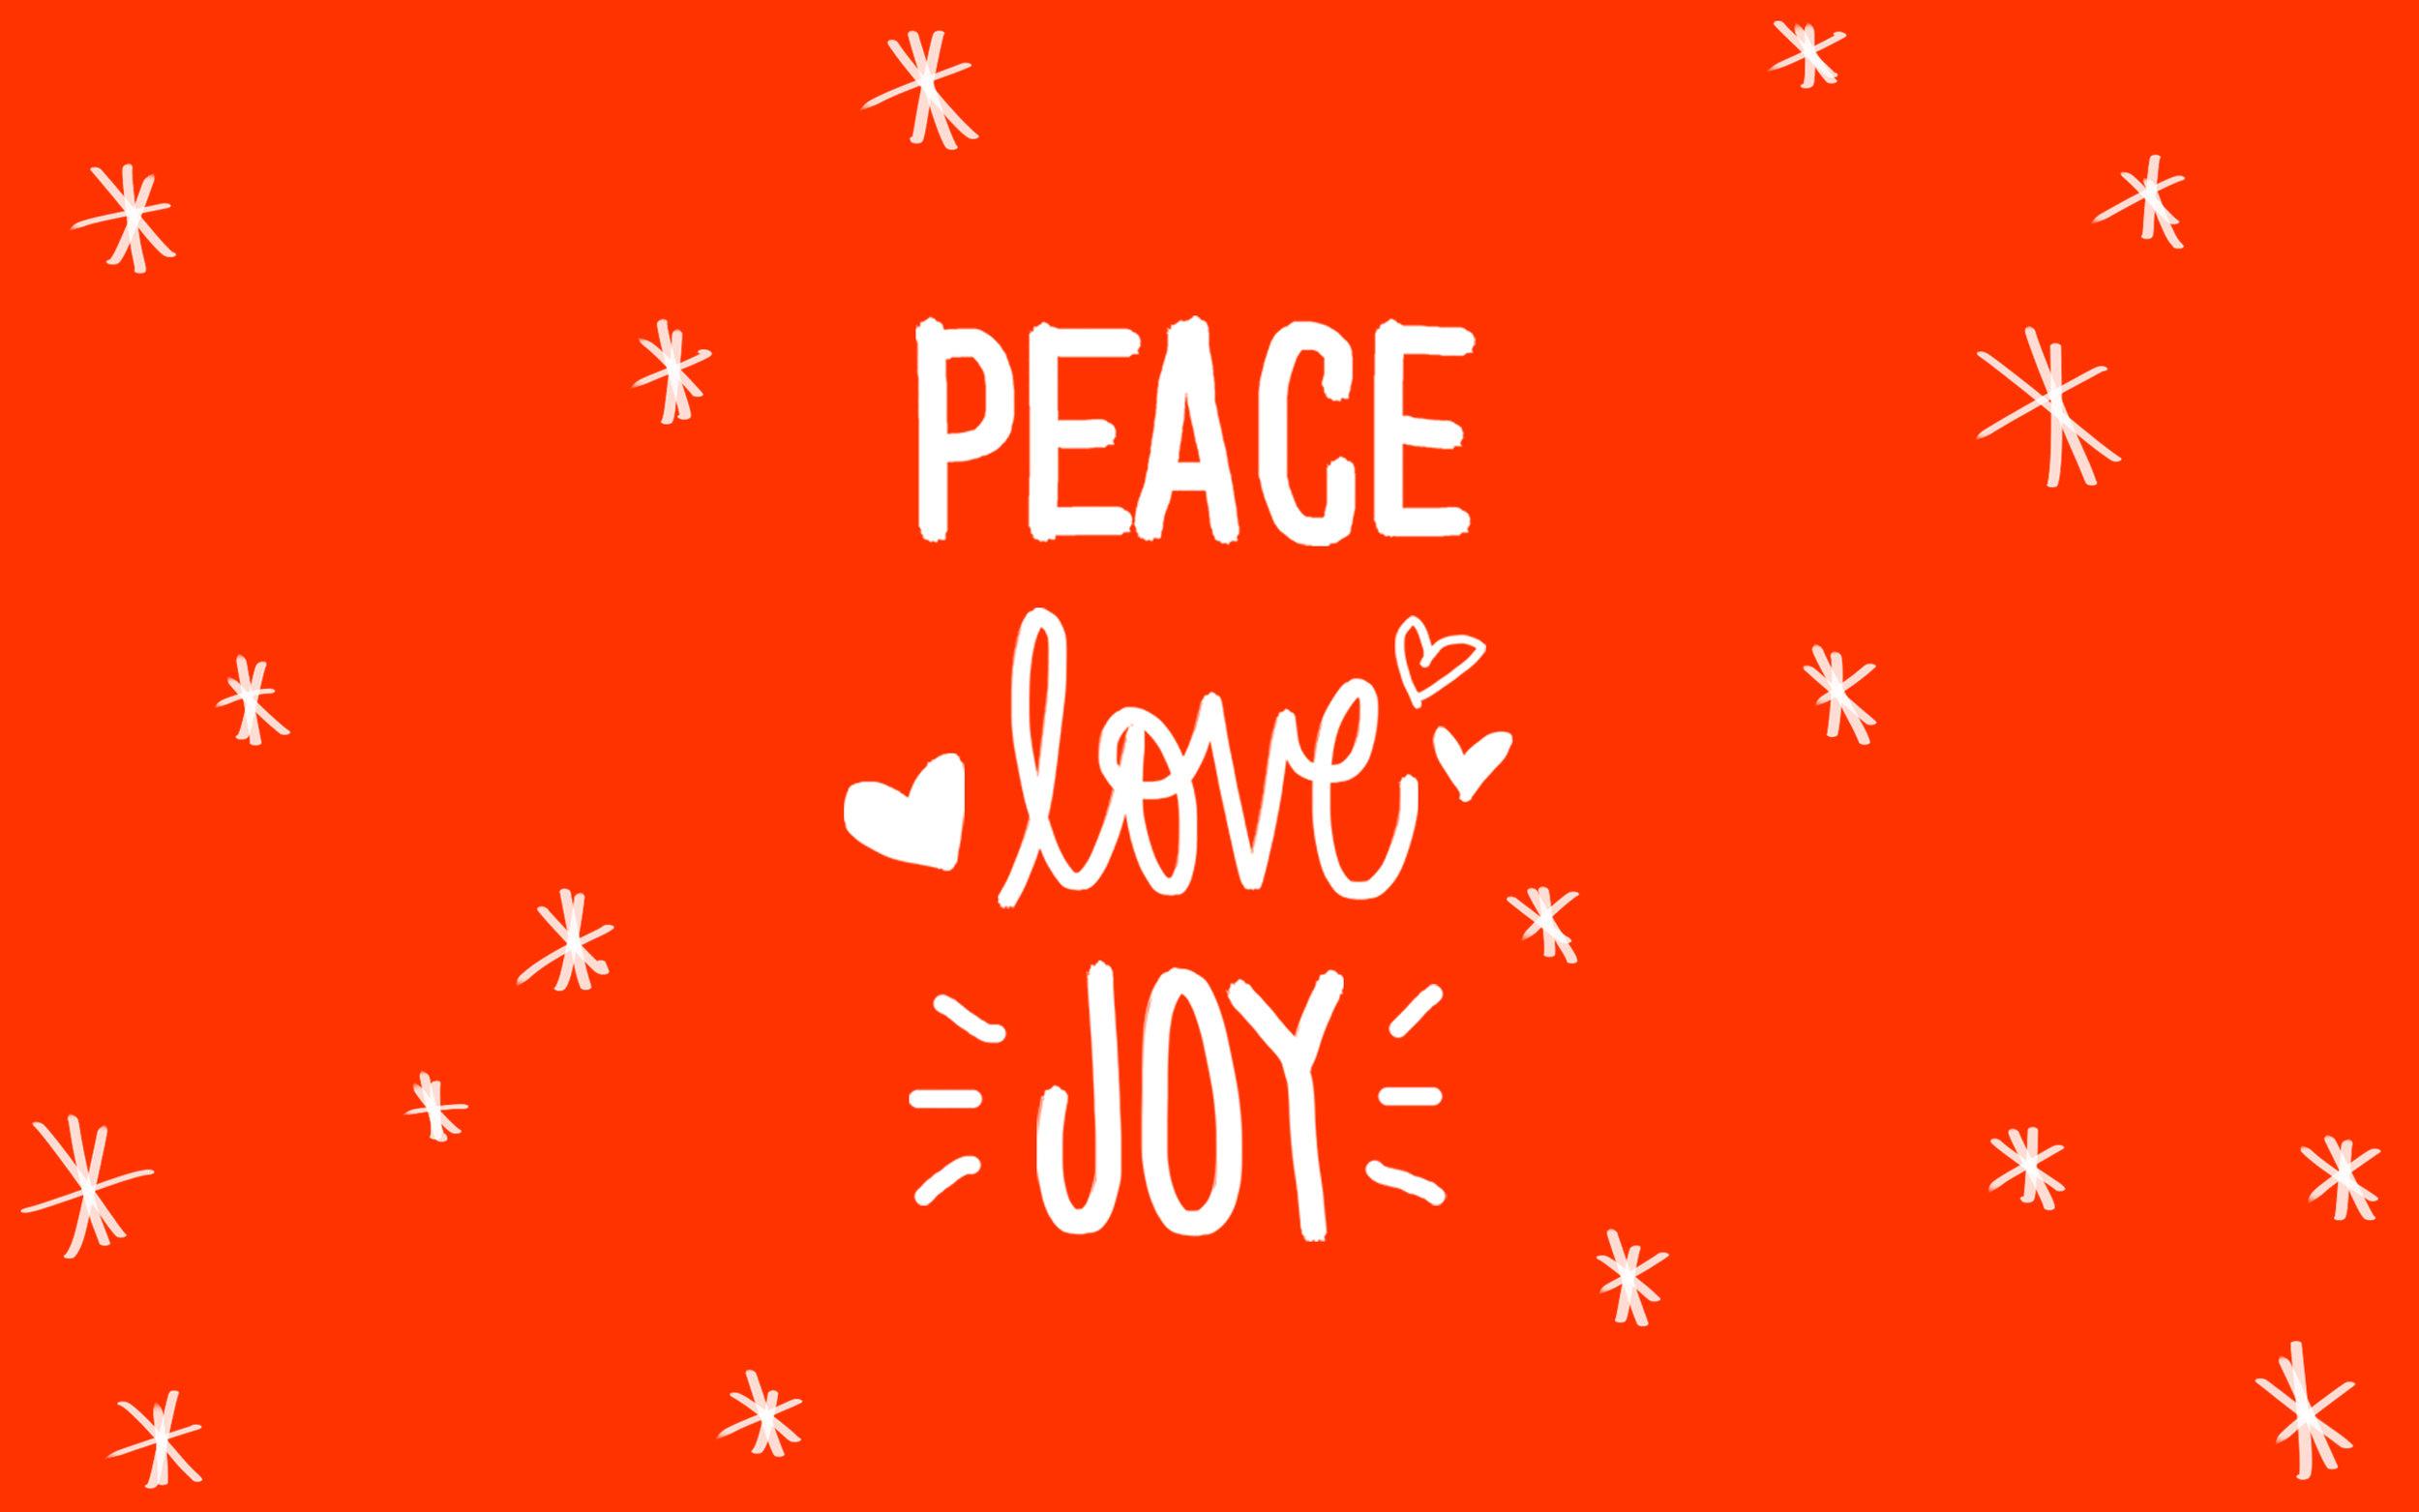 peace-love-joy-wallpaper-desktop.jpg